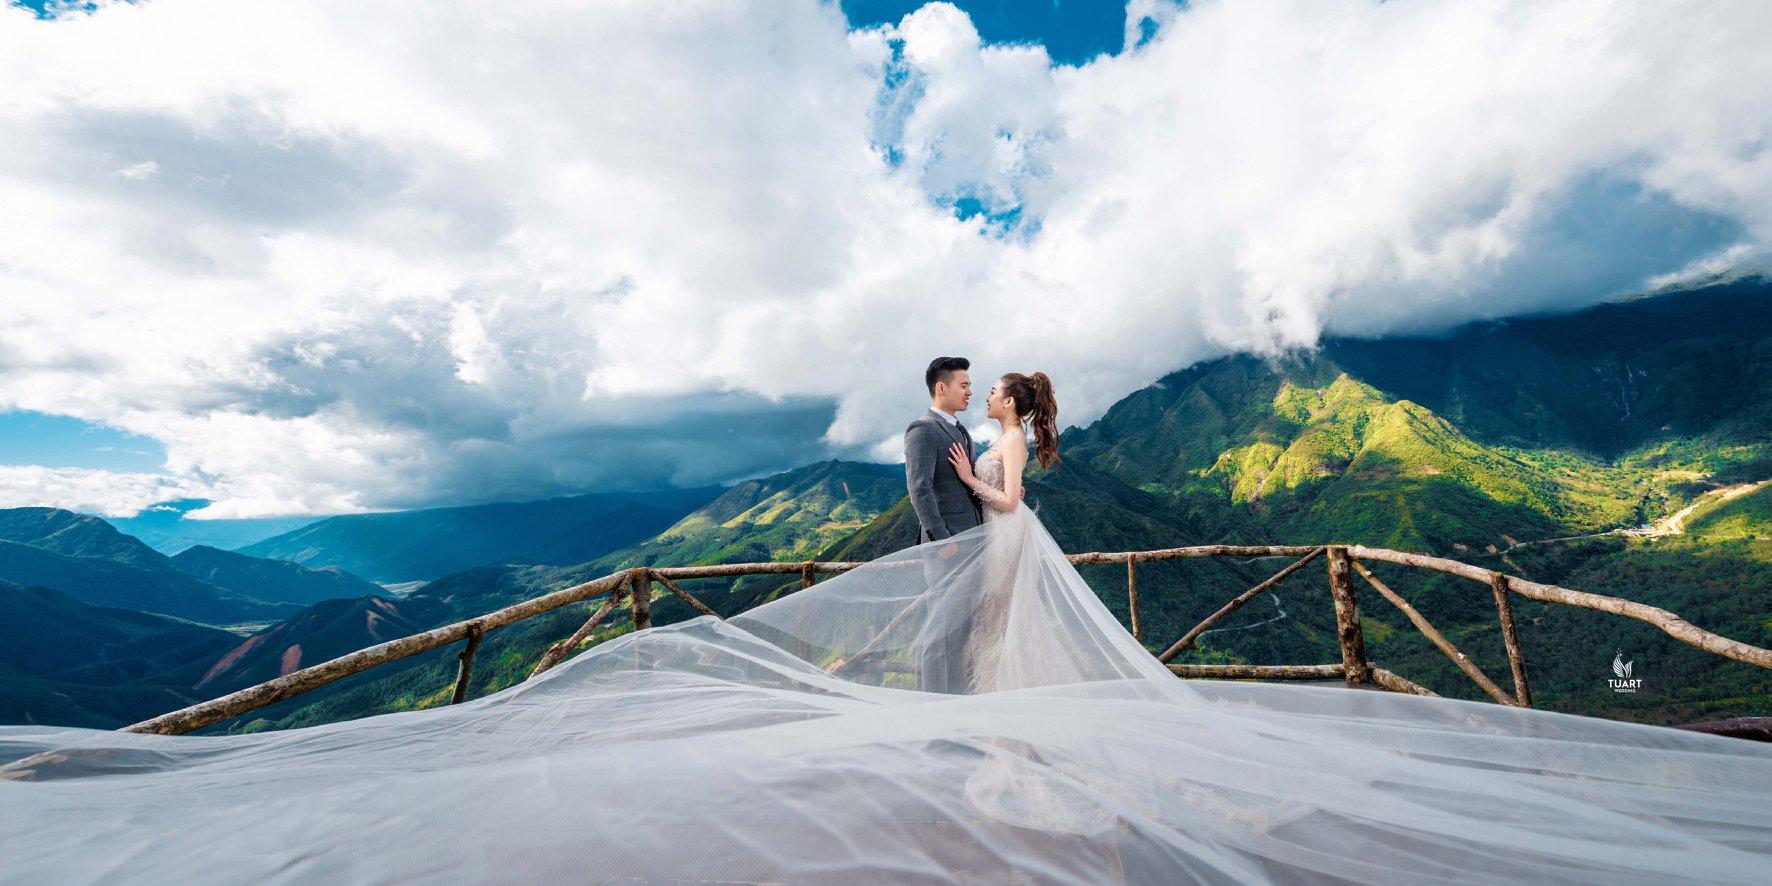 Album chụp ảnh cưới đẹp Sapa